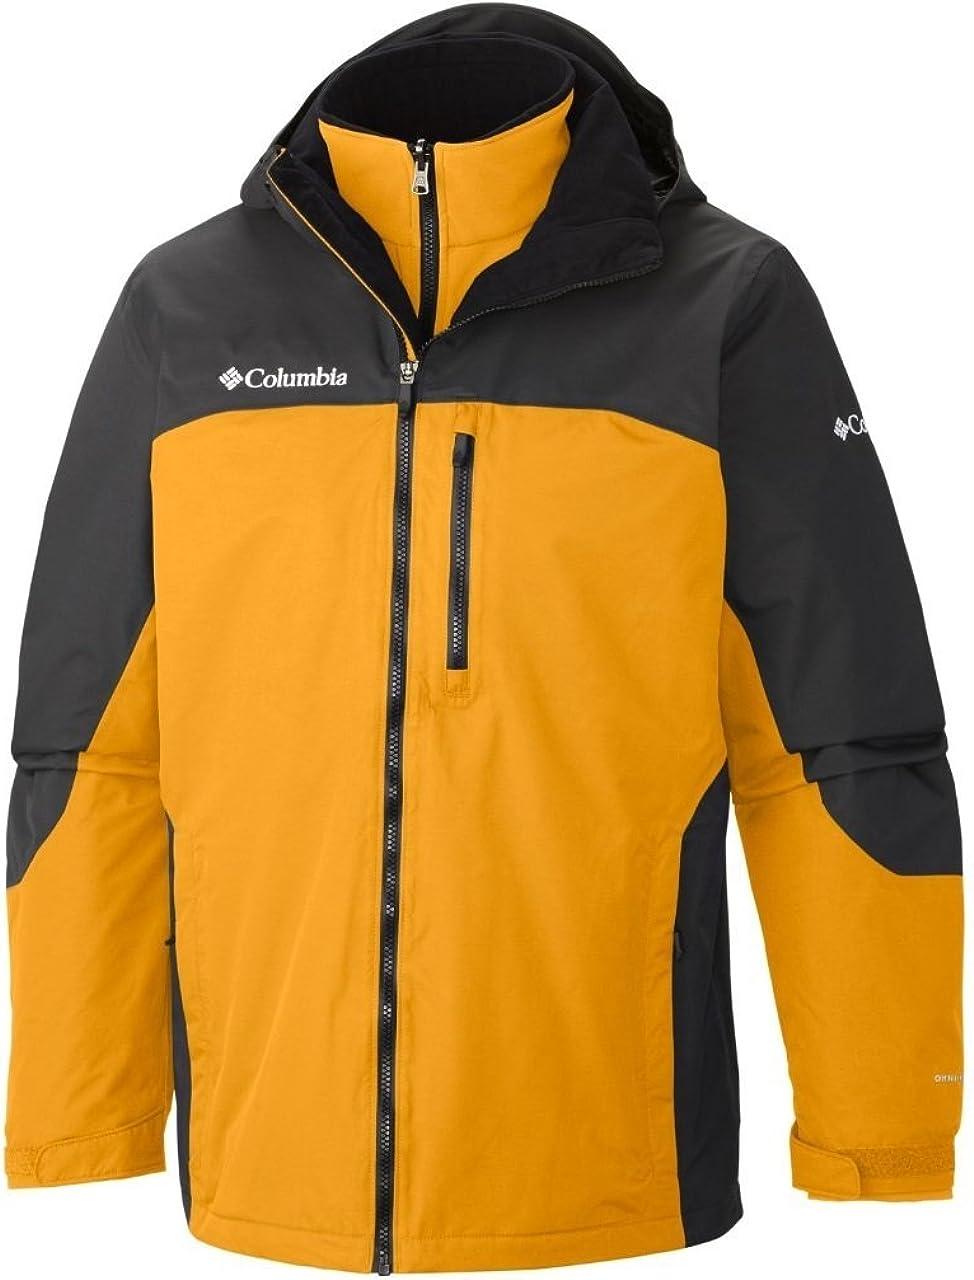 Columbia Men's Category Five 2.0 Interchange Big Jacket